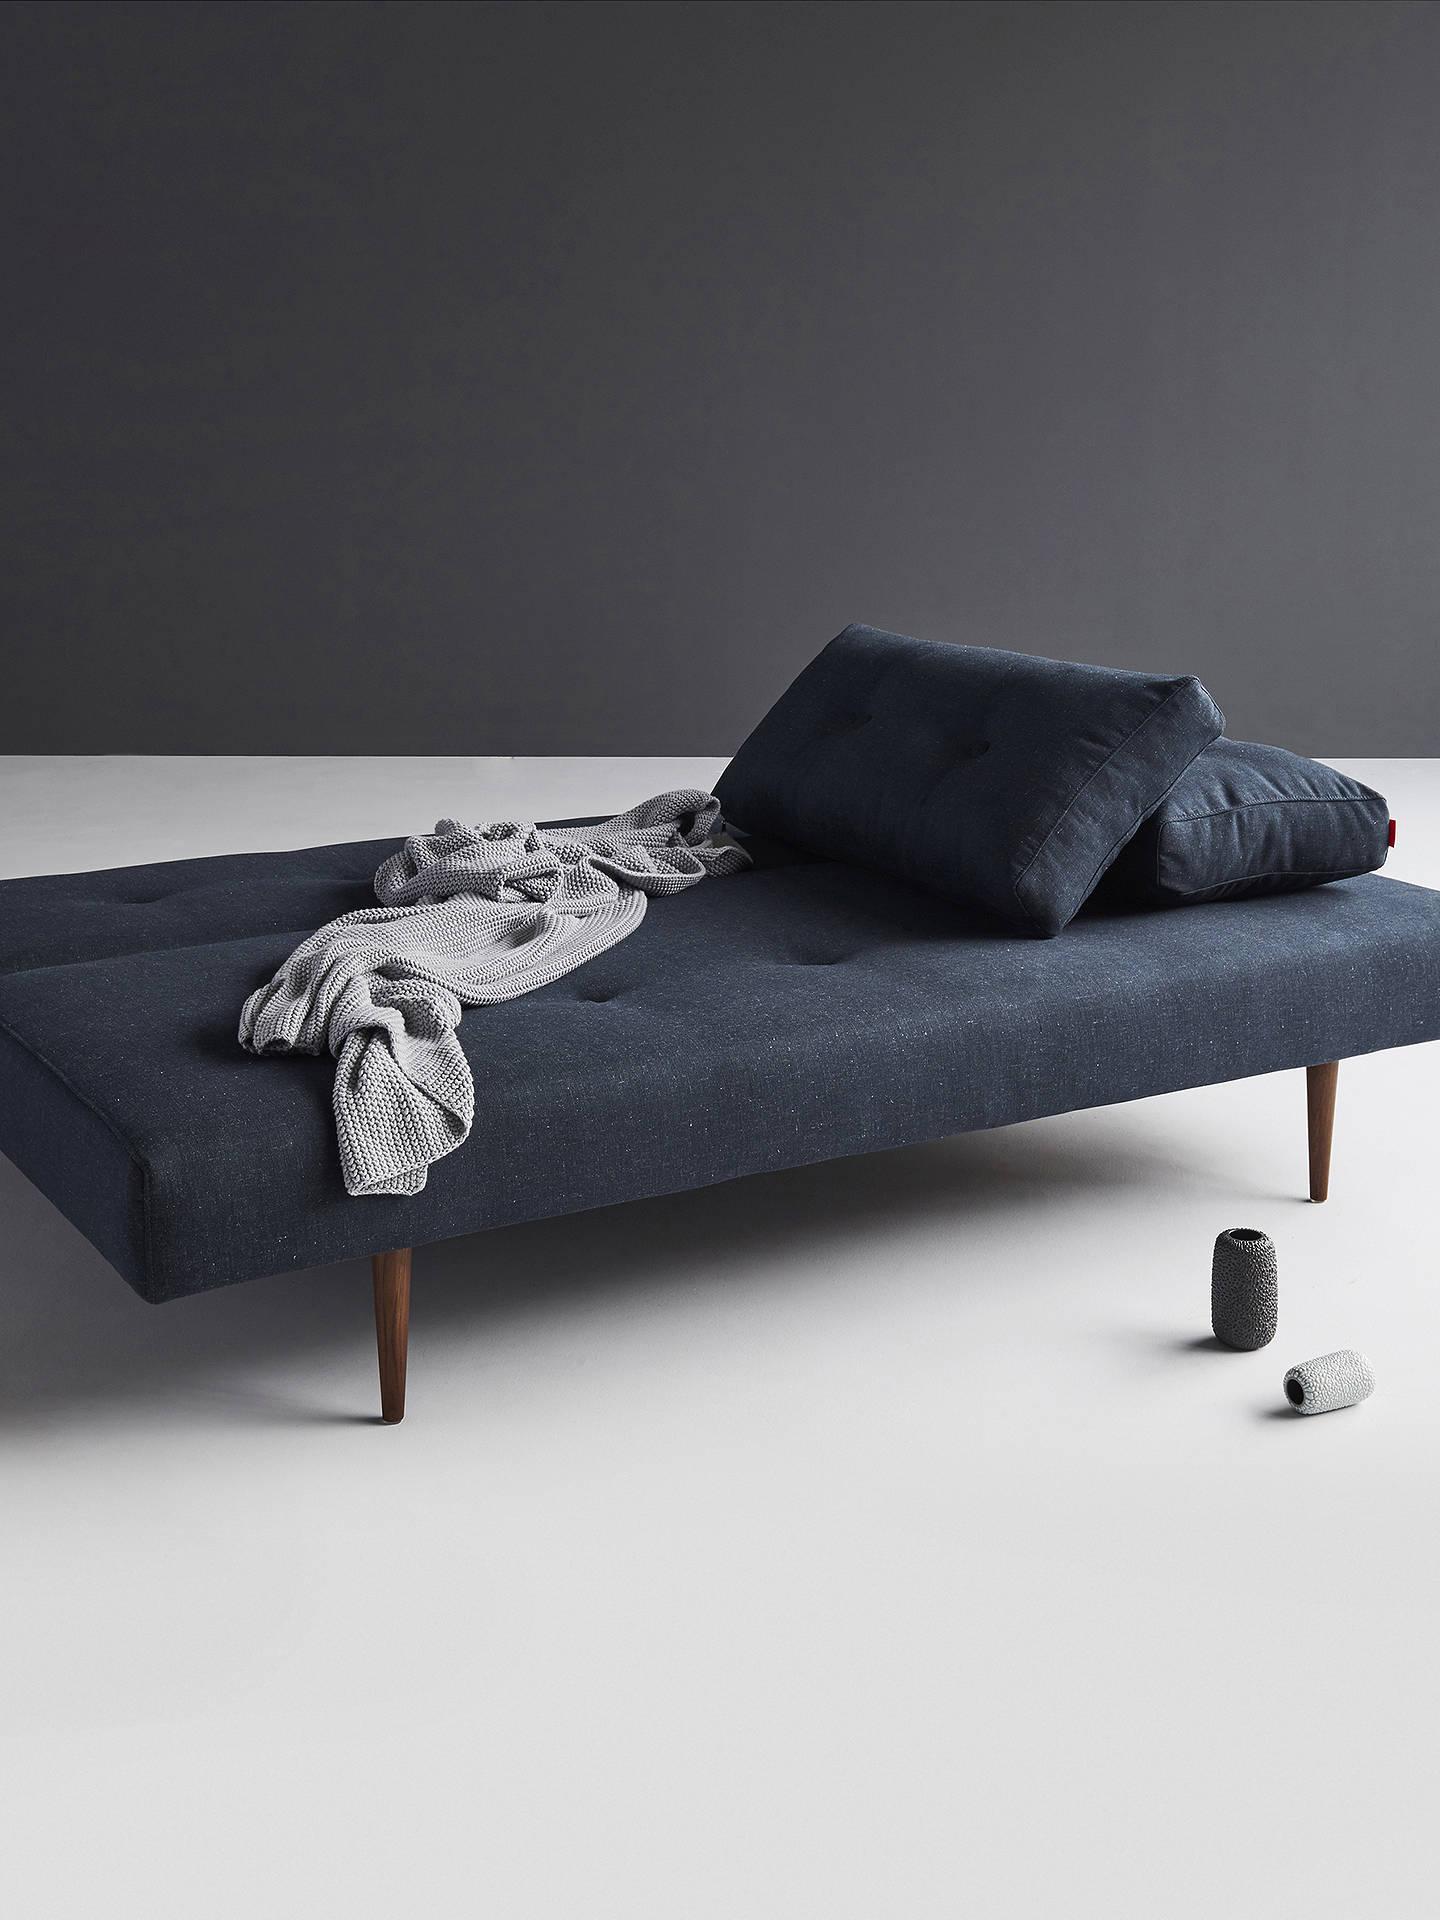 Innovation Recast Sofa Bed With Pocket Sprung Mattress Dark Leg